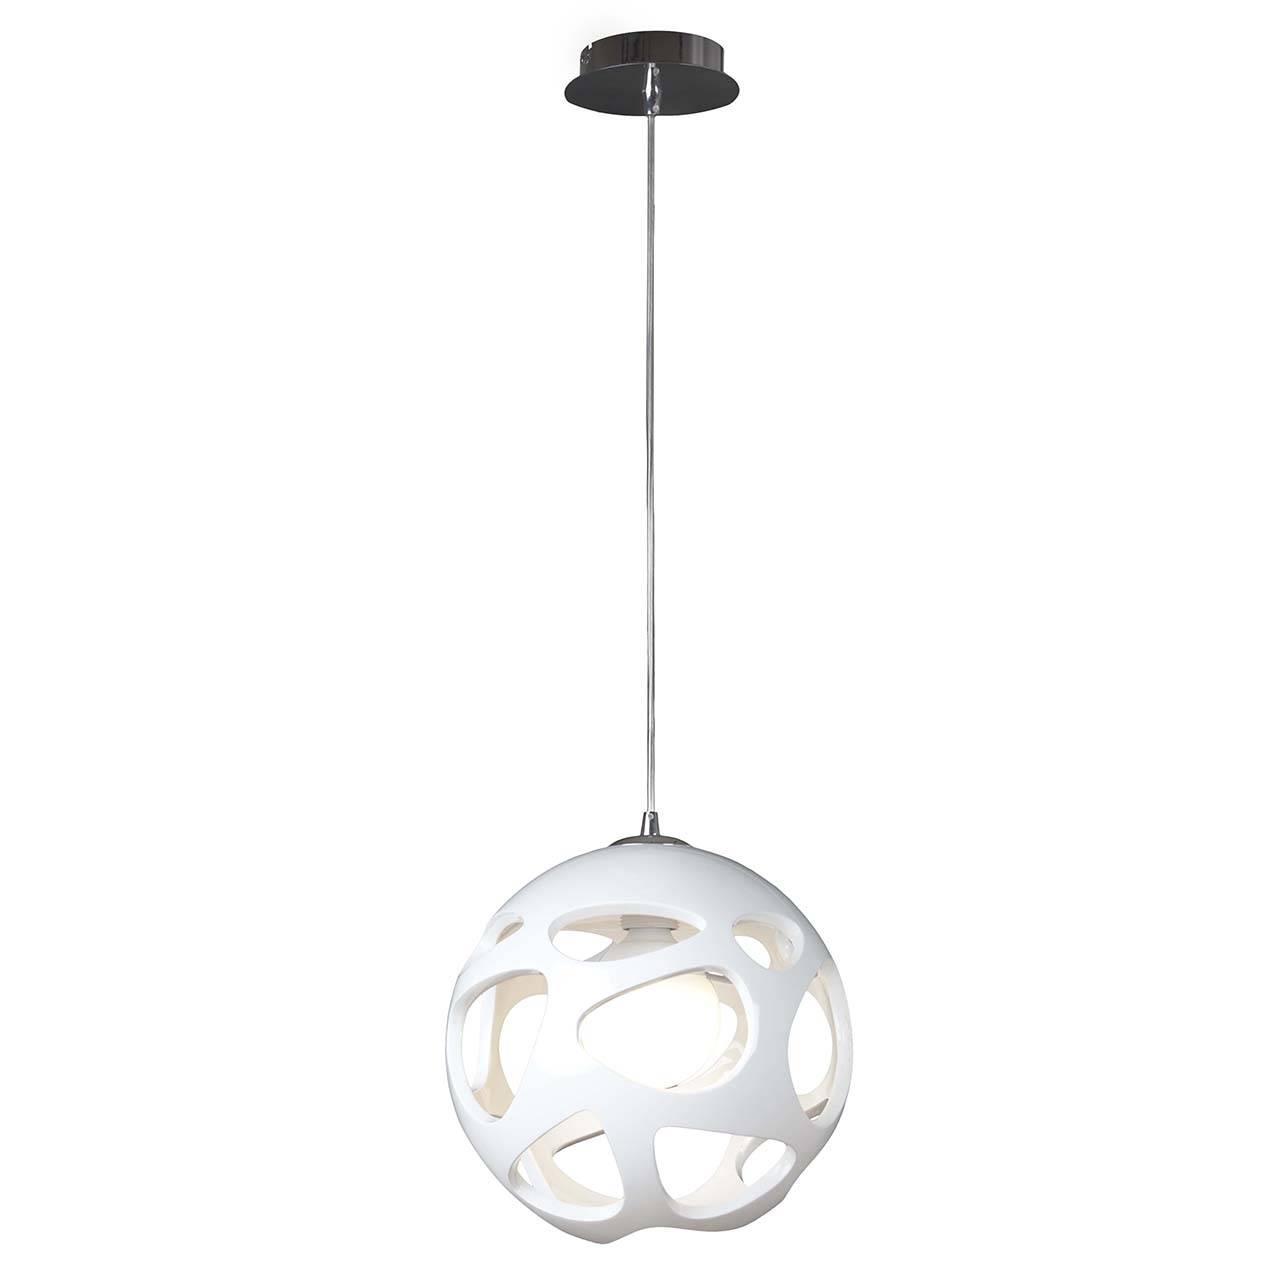 Купить Подвесной светильник Mantra Organica , inmyroom, Испания